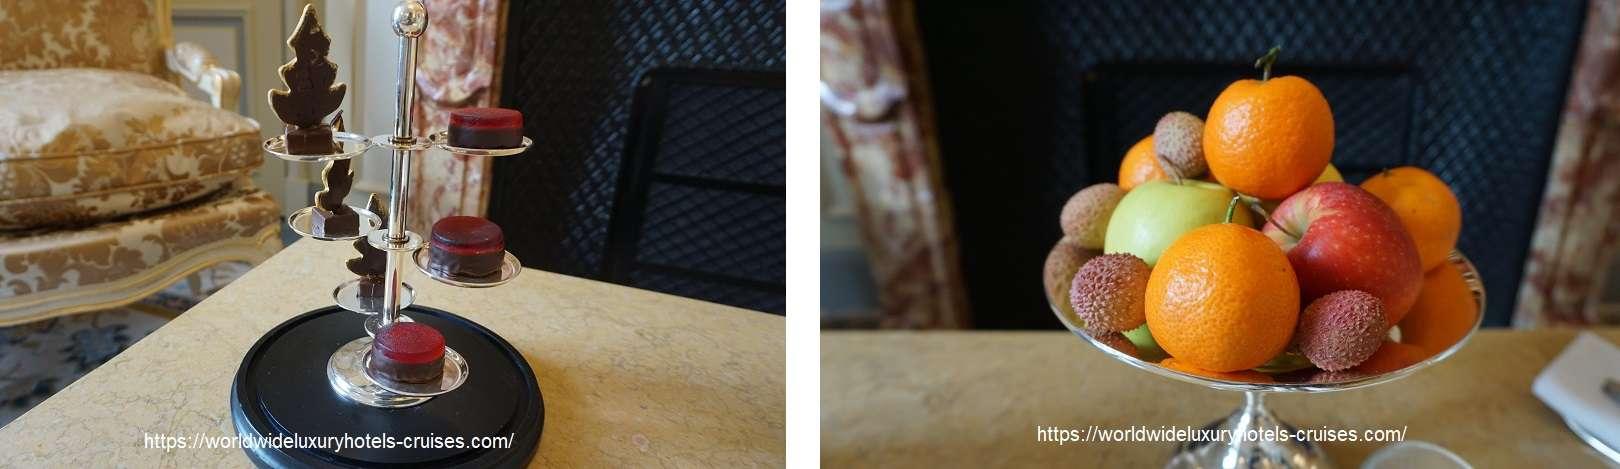 リッツパリデラックスジュニアスイート リッツパリス リッツパリ フランス パリ シャネルスパ シャネルメイクアップ ラグジュアリーホテル レスパドン L'Espadon  Virtuoso IzumiOgawa 世界へBonVoyage ラグジュアリーホテル予約 リッツパリ滞在ブログ リッツパリ滞在